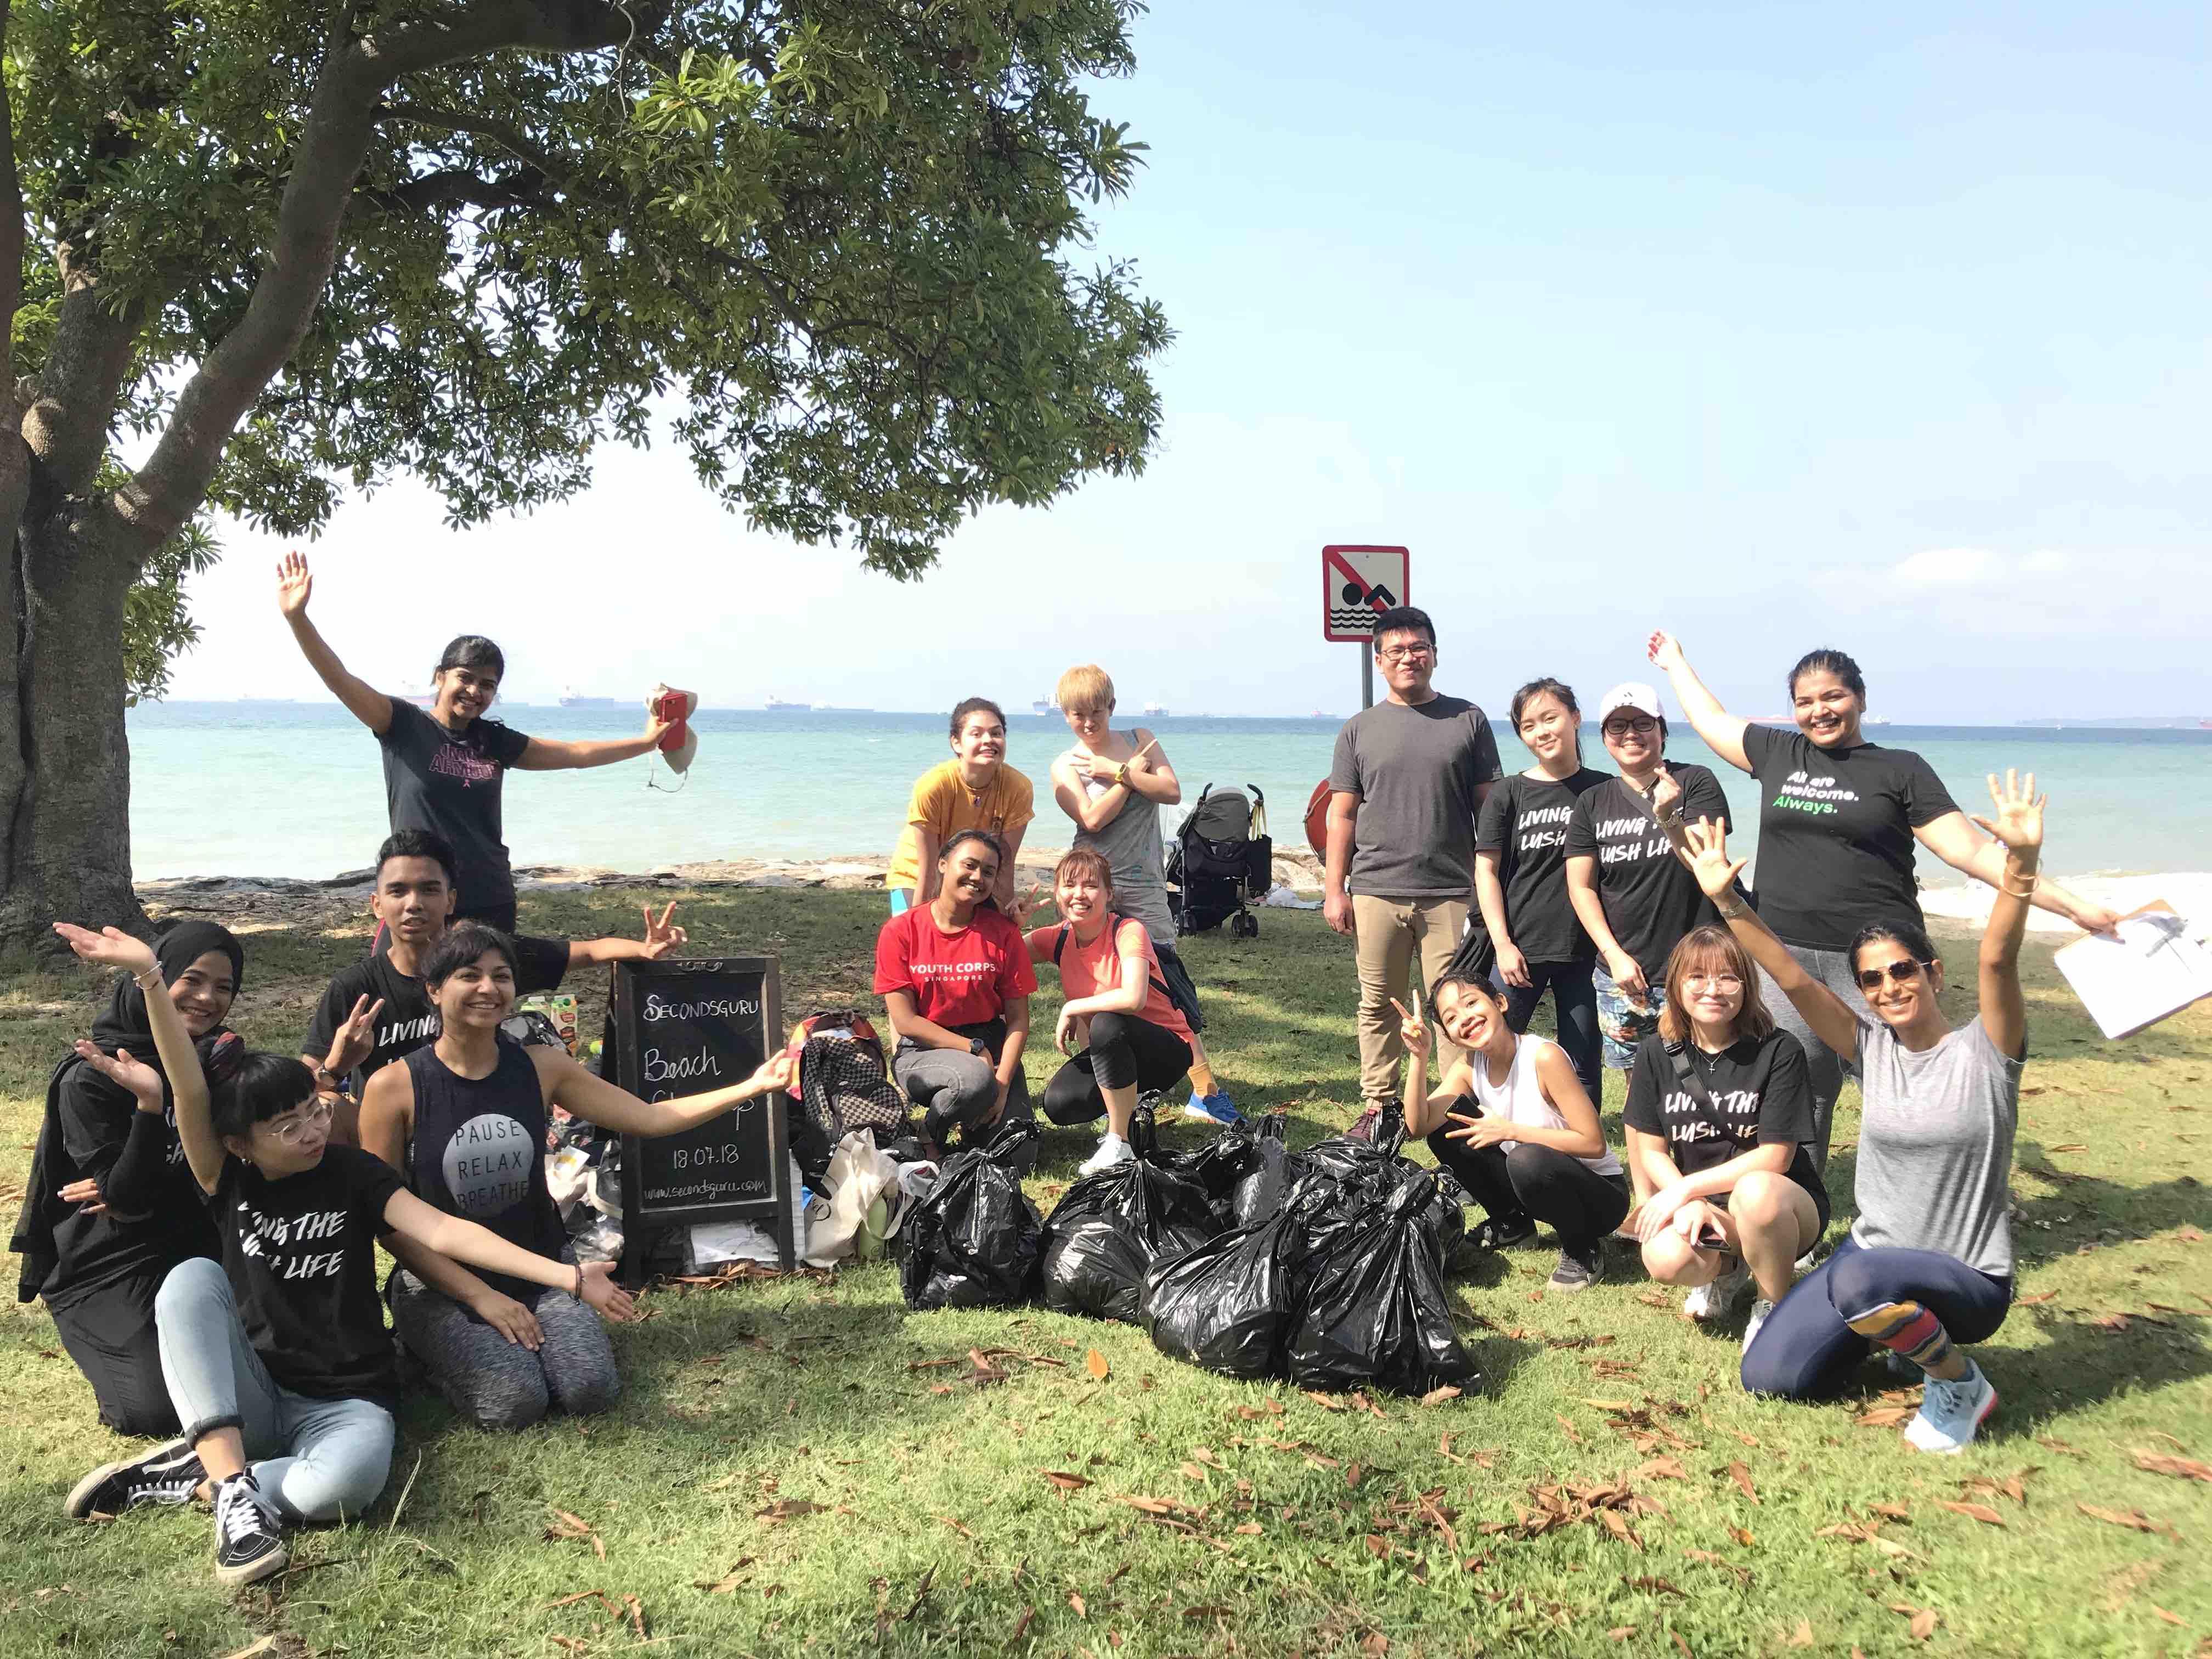 Lush Singapore Beach cleanup with Secondsguru